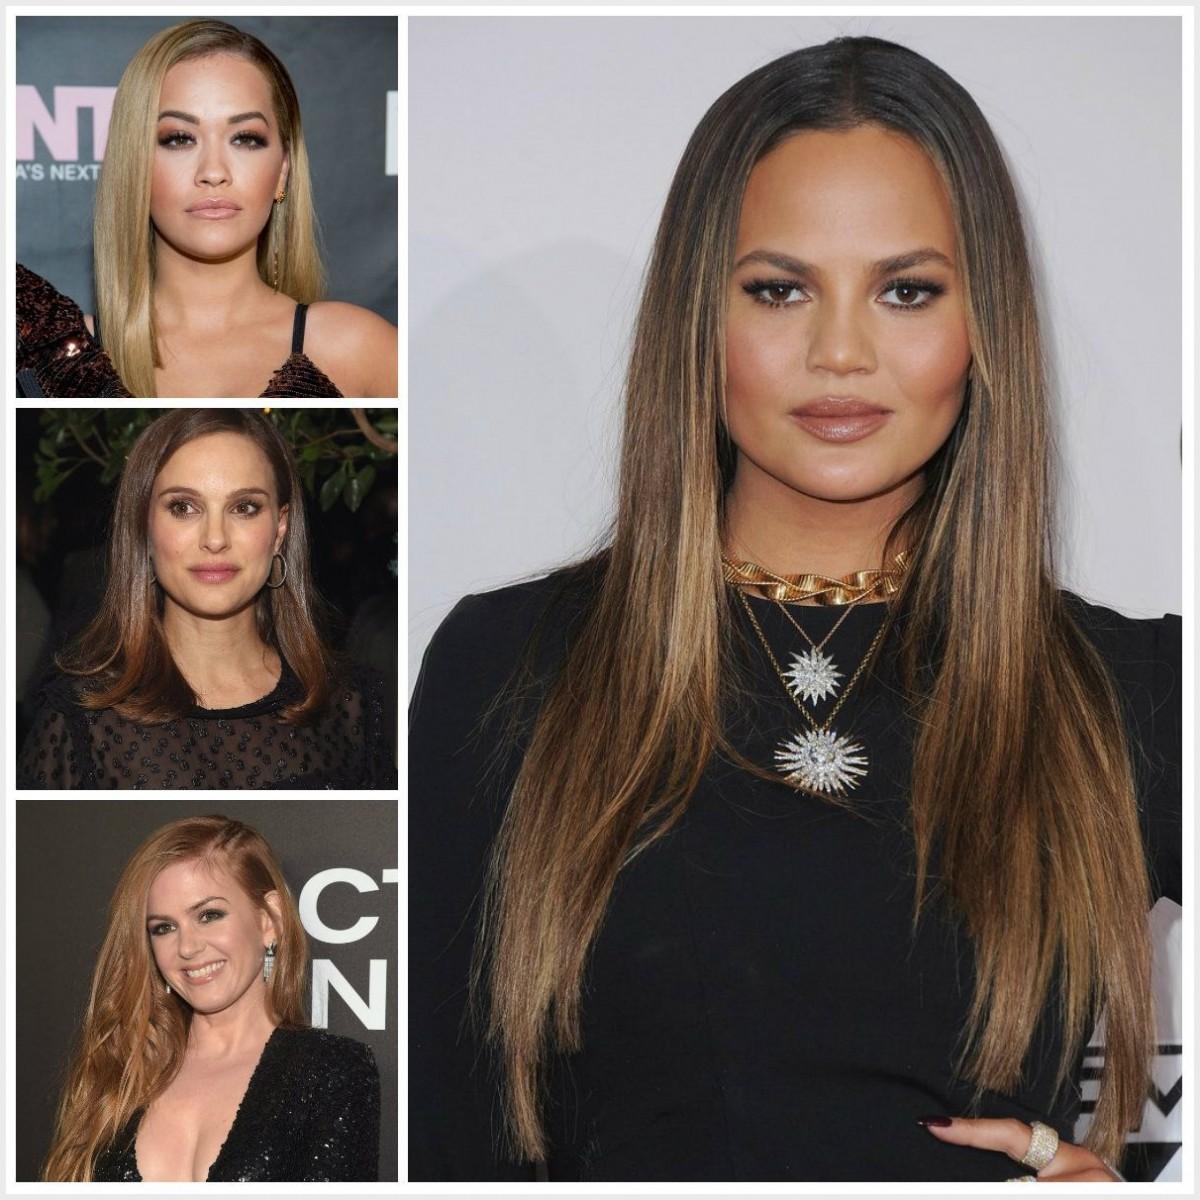 hair dye ideas Best Hair Dye Ideas For Women 2019 unnamed file 256